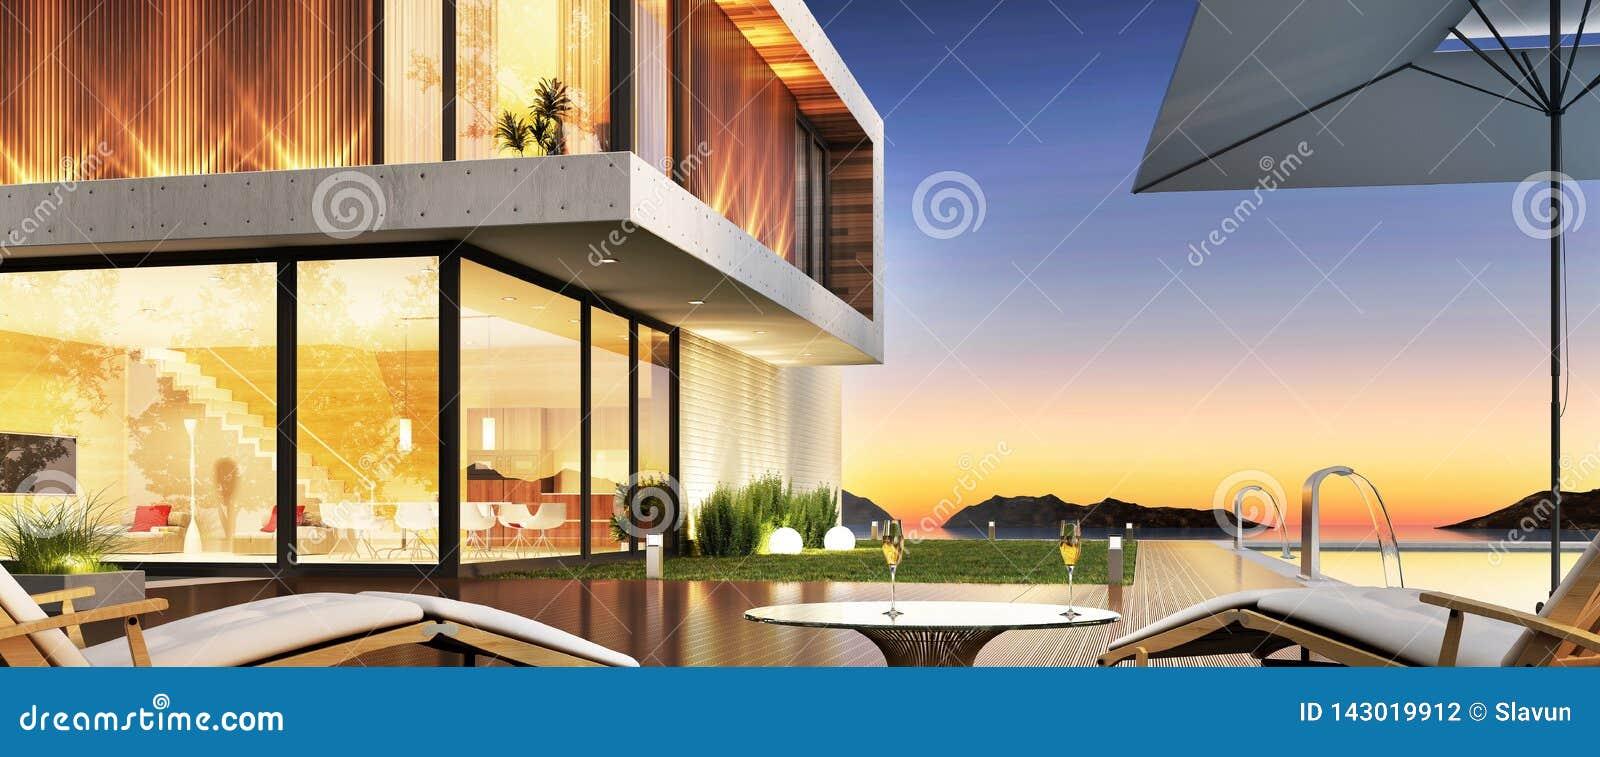 Casa De Lujo Con La Piscina Y Terraza Para Relajarse Stock